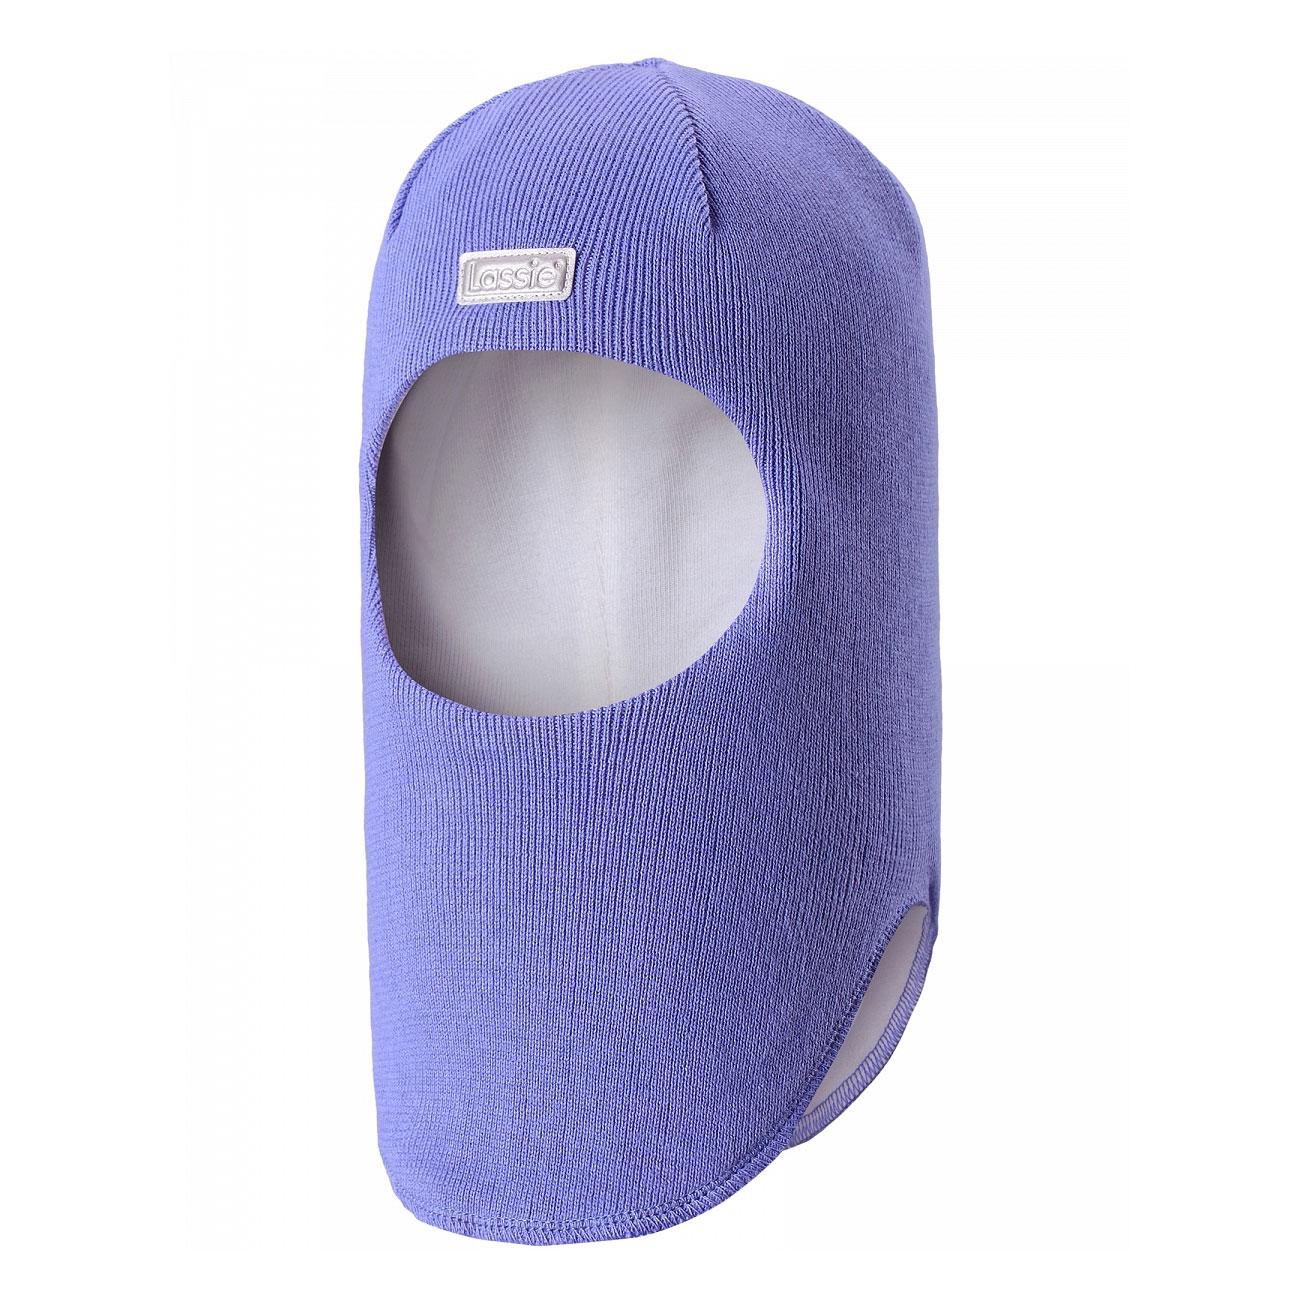 Балаклава детская7187113400Классическая эластичная и быстросохнущая балаклава Lassie изготовлена из эластичного хлопкового трикотажа. Снабжена полной подкладкой из мягкого и дышащего джерси из смеси хлопка. Эта шапка с ветронепроницаемыми вставками для ушей надежно защищает лоб, уши и шею от холодного ветра. Имеется светоотражающая эмблема спереди.